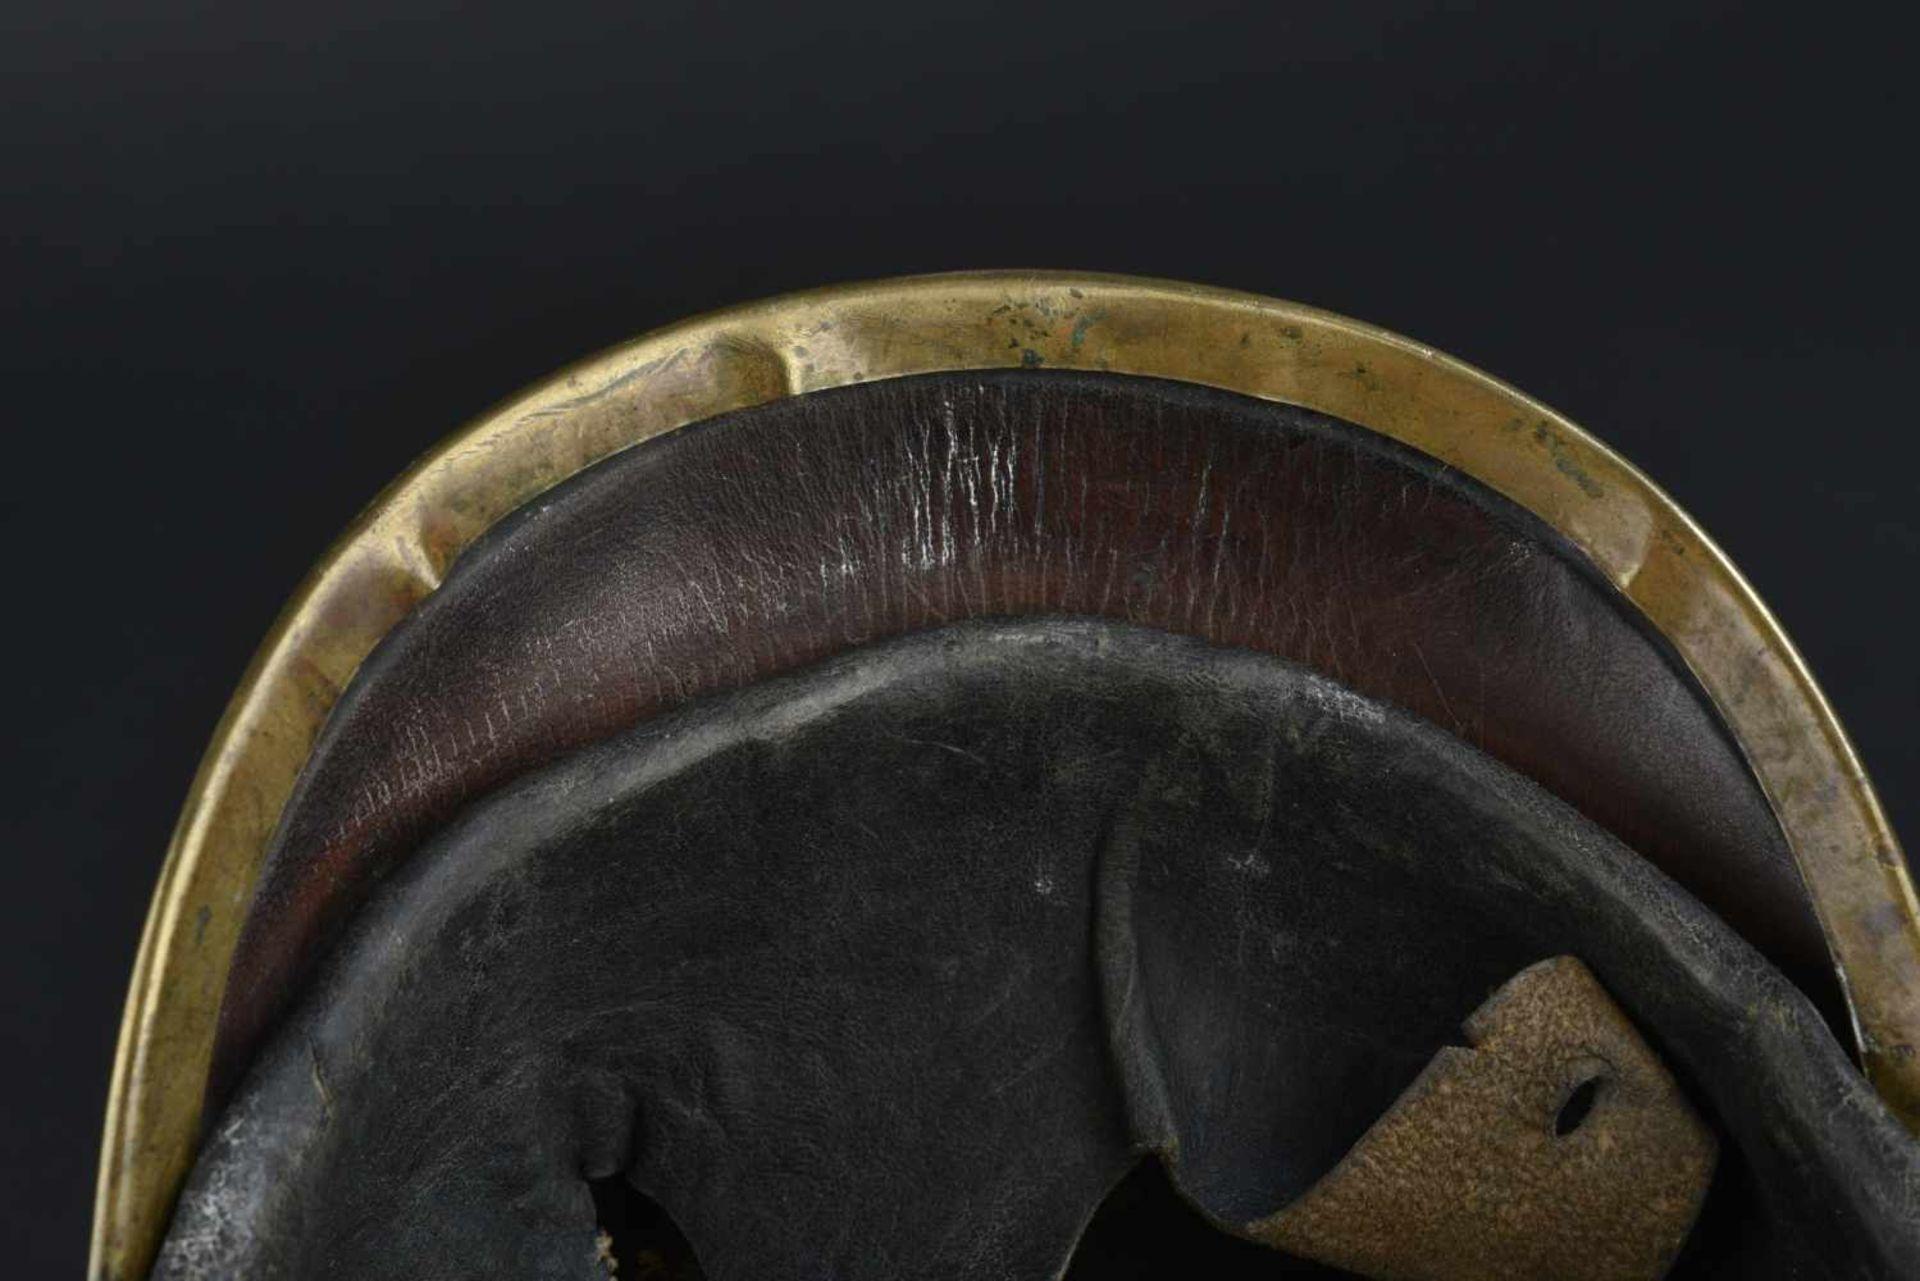 Casque badois 1895 Bombe en cuir, légèrement craquelée. Plaque badoise d origine. Bonnes cocardes. - Bild 3 aus 4